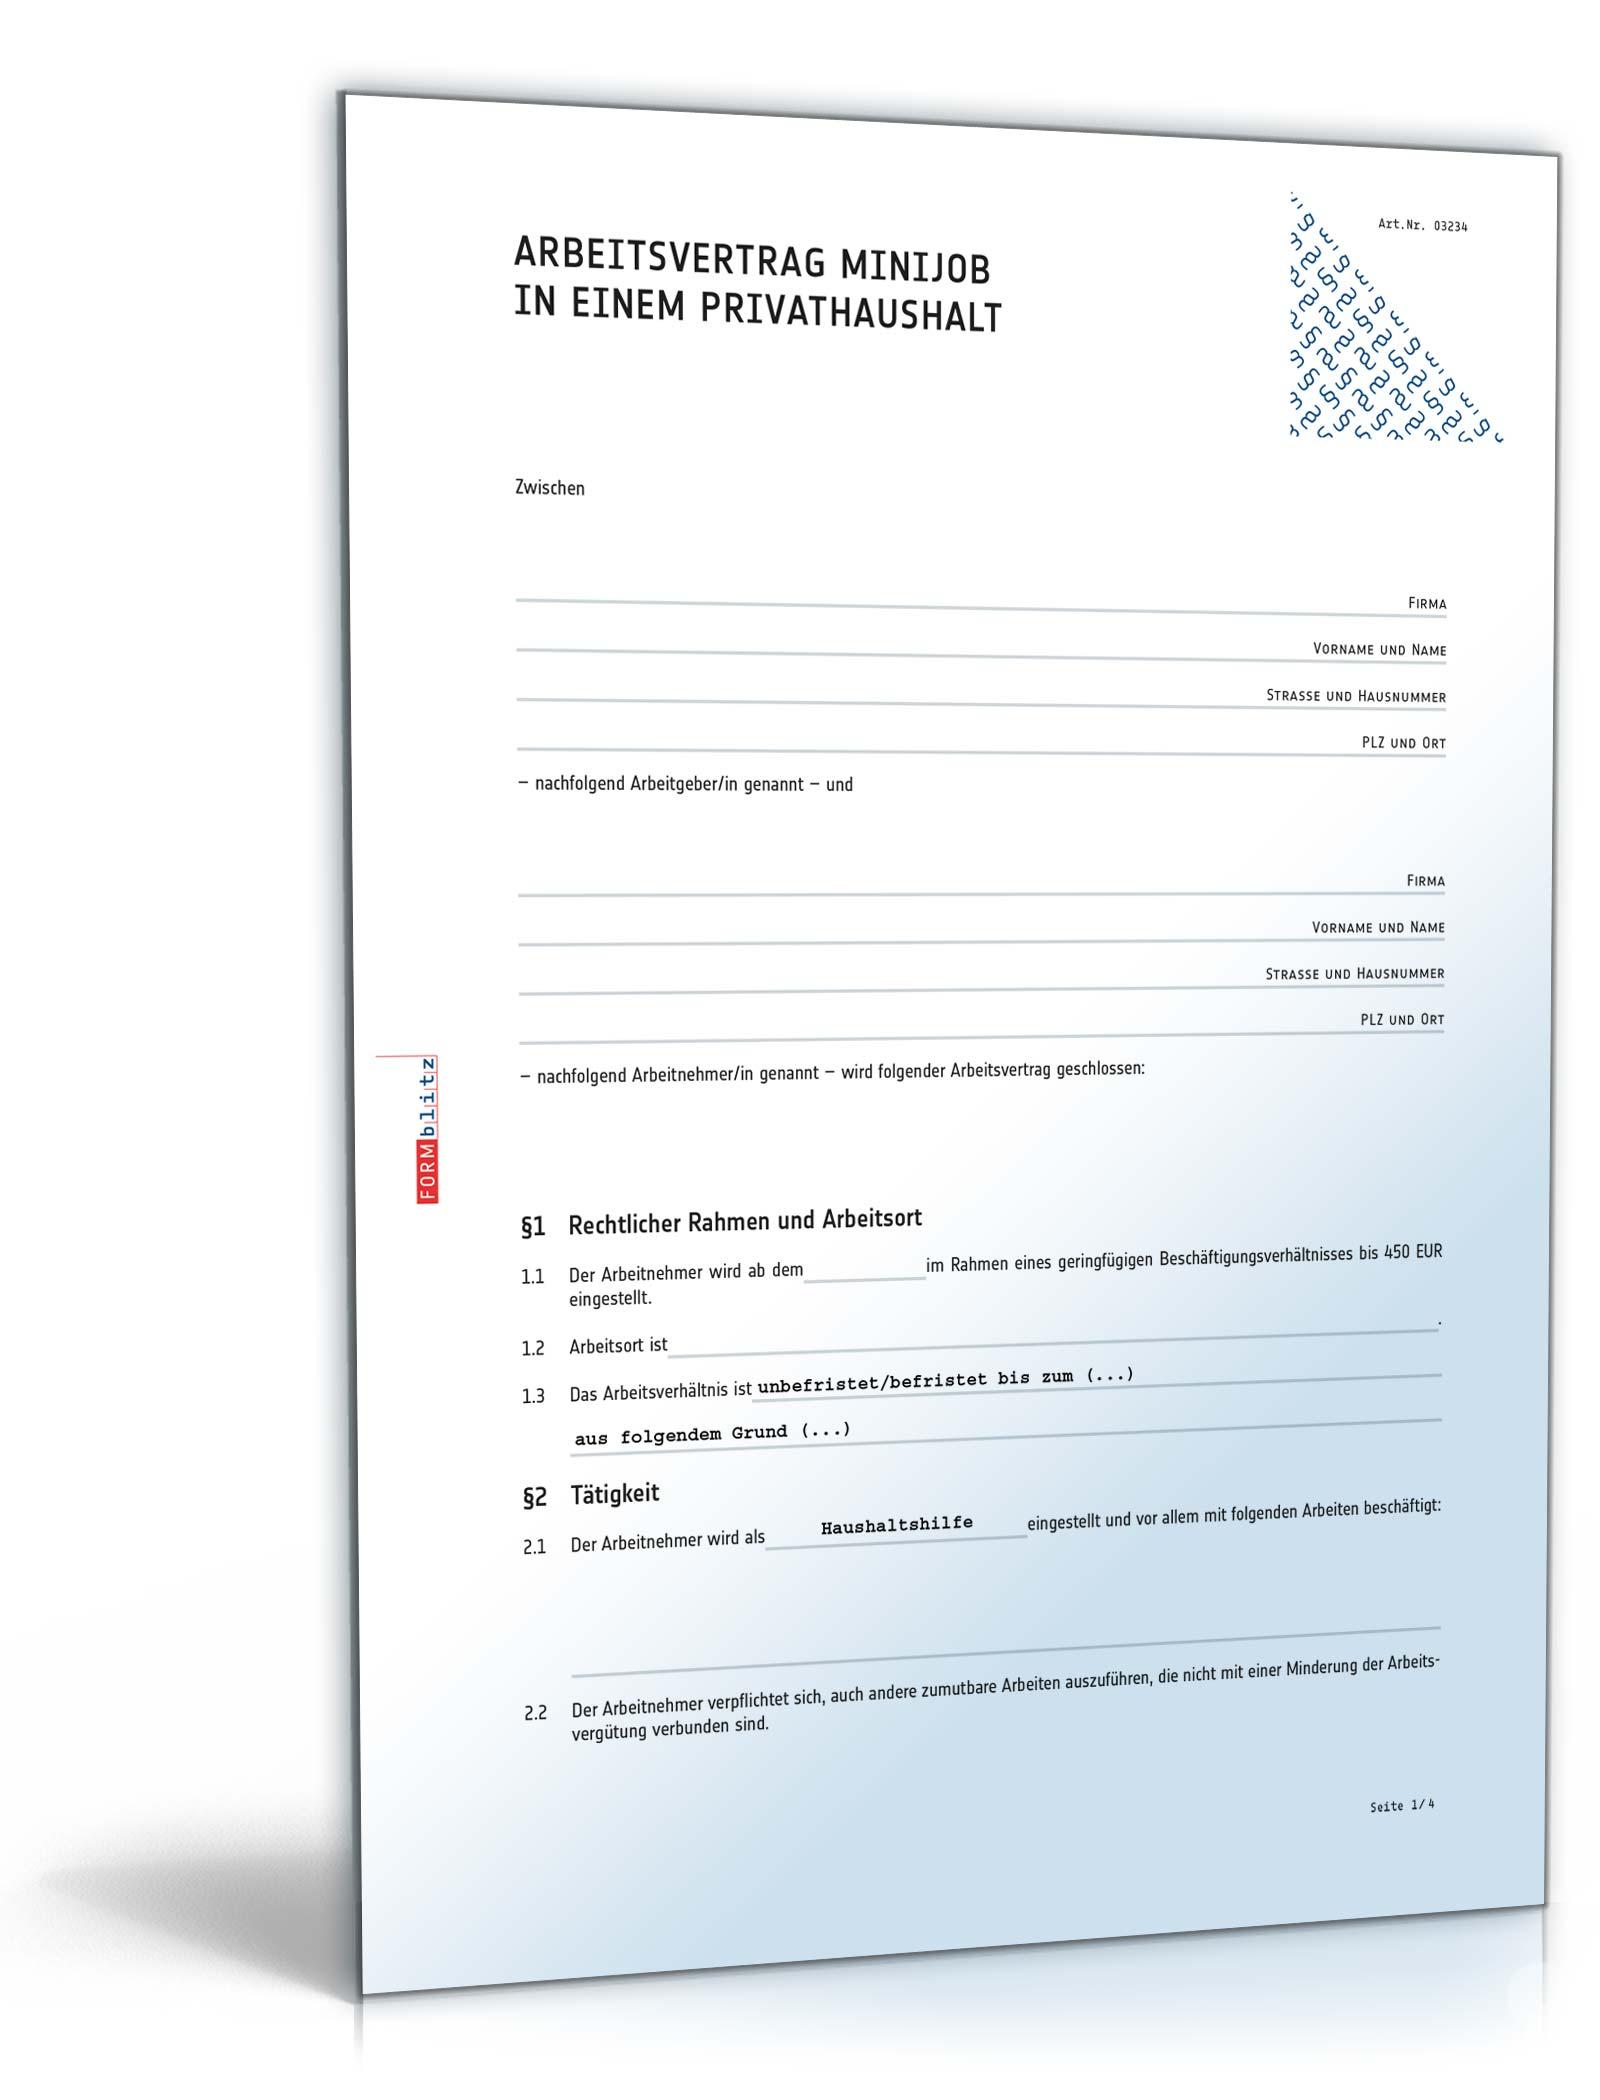 Arbeitsvertrag Minijob Privathaushalt Muster Zum Download